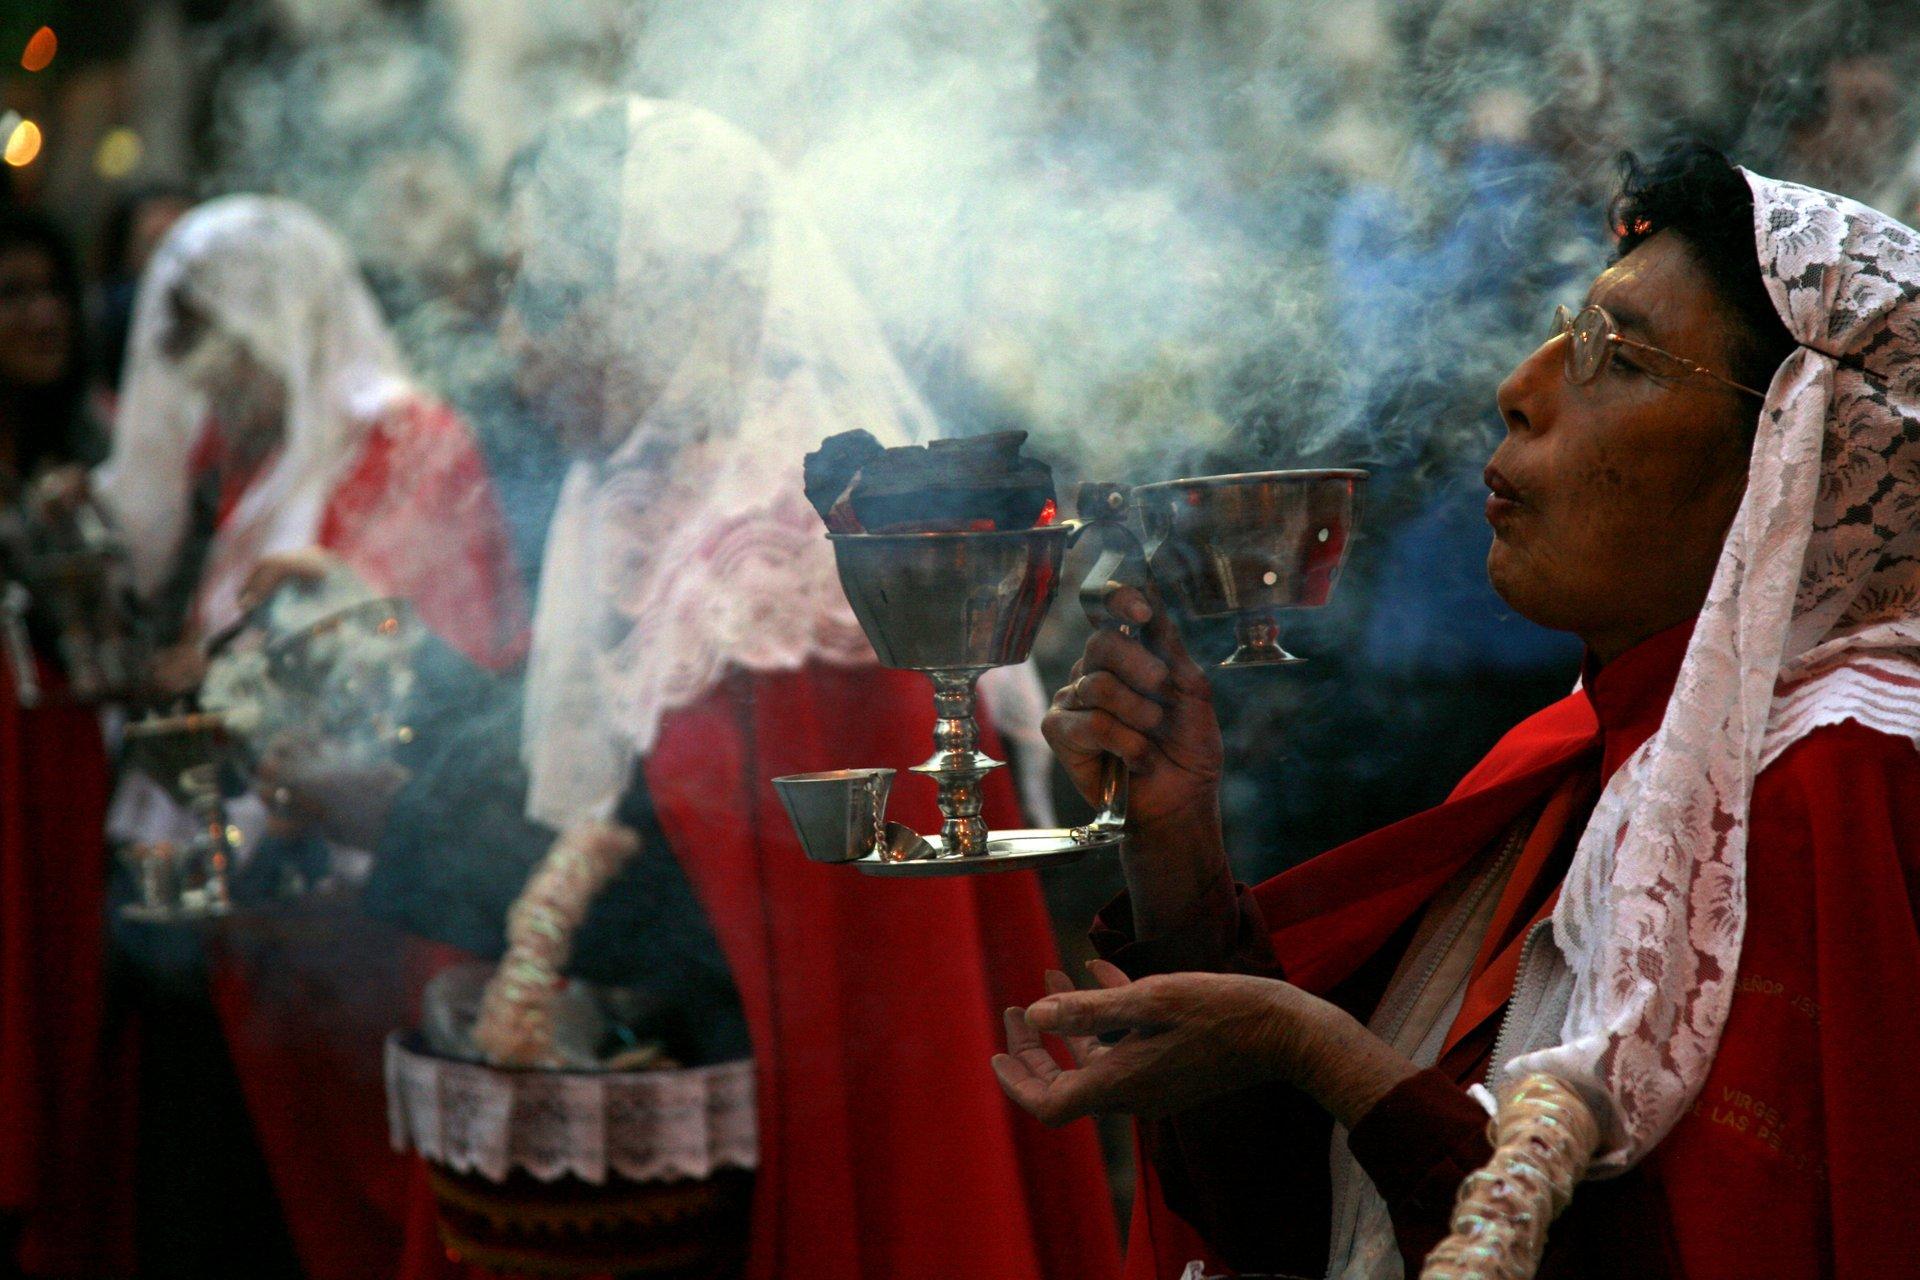 Semana Santa (Holy Week) & Easter in Peru 2020 - Best Time